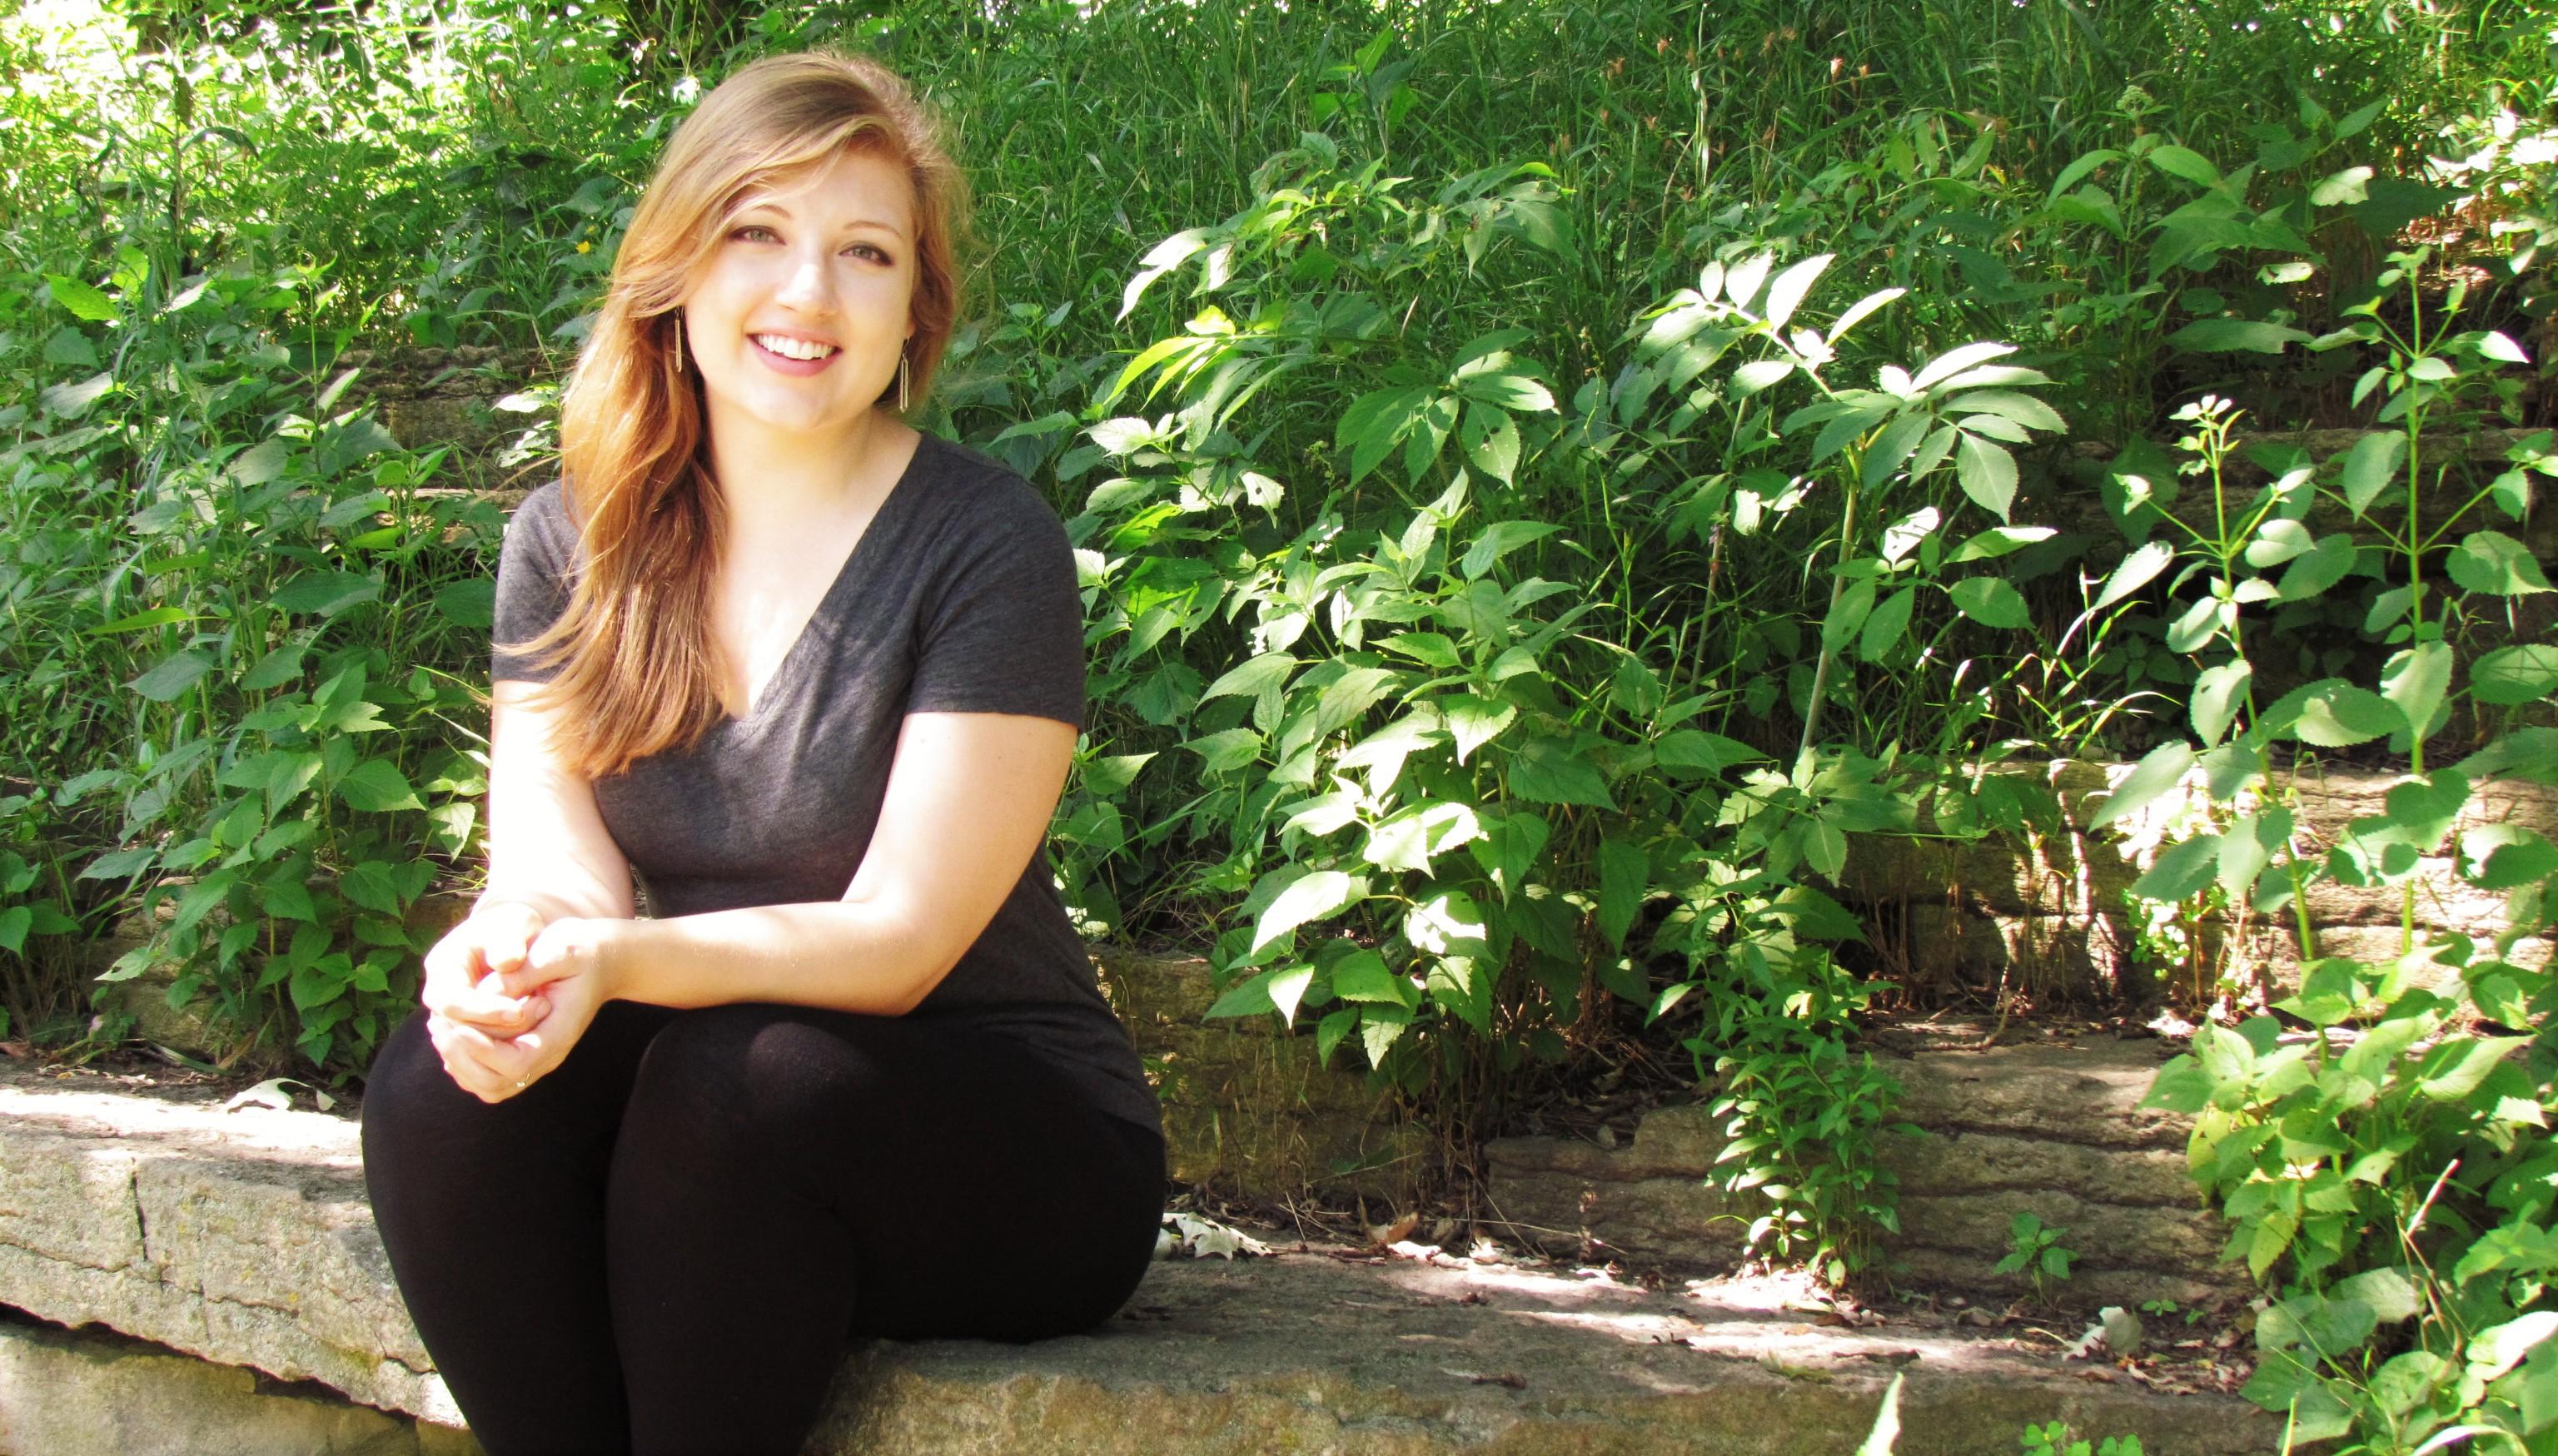 Shelby Forsythia